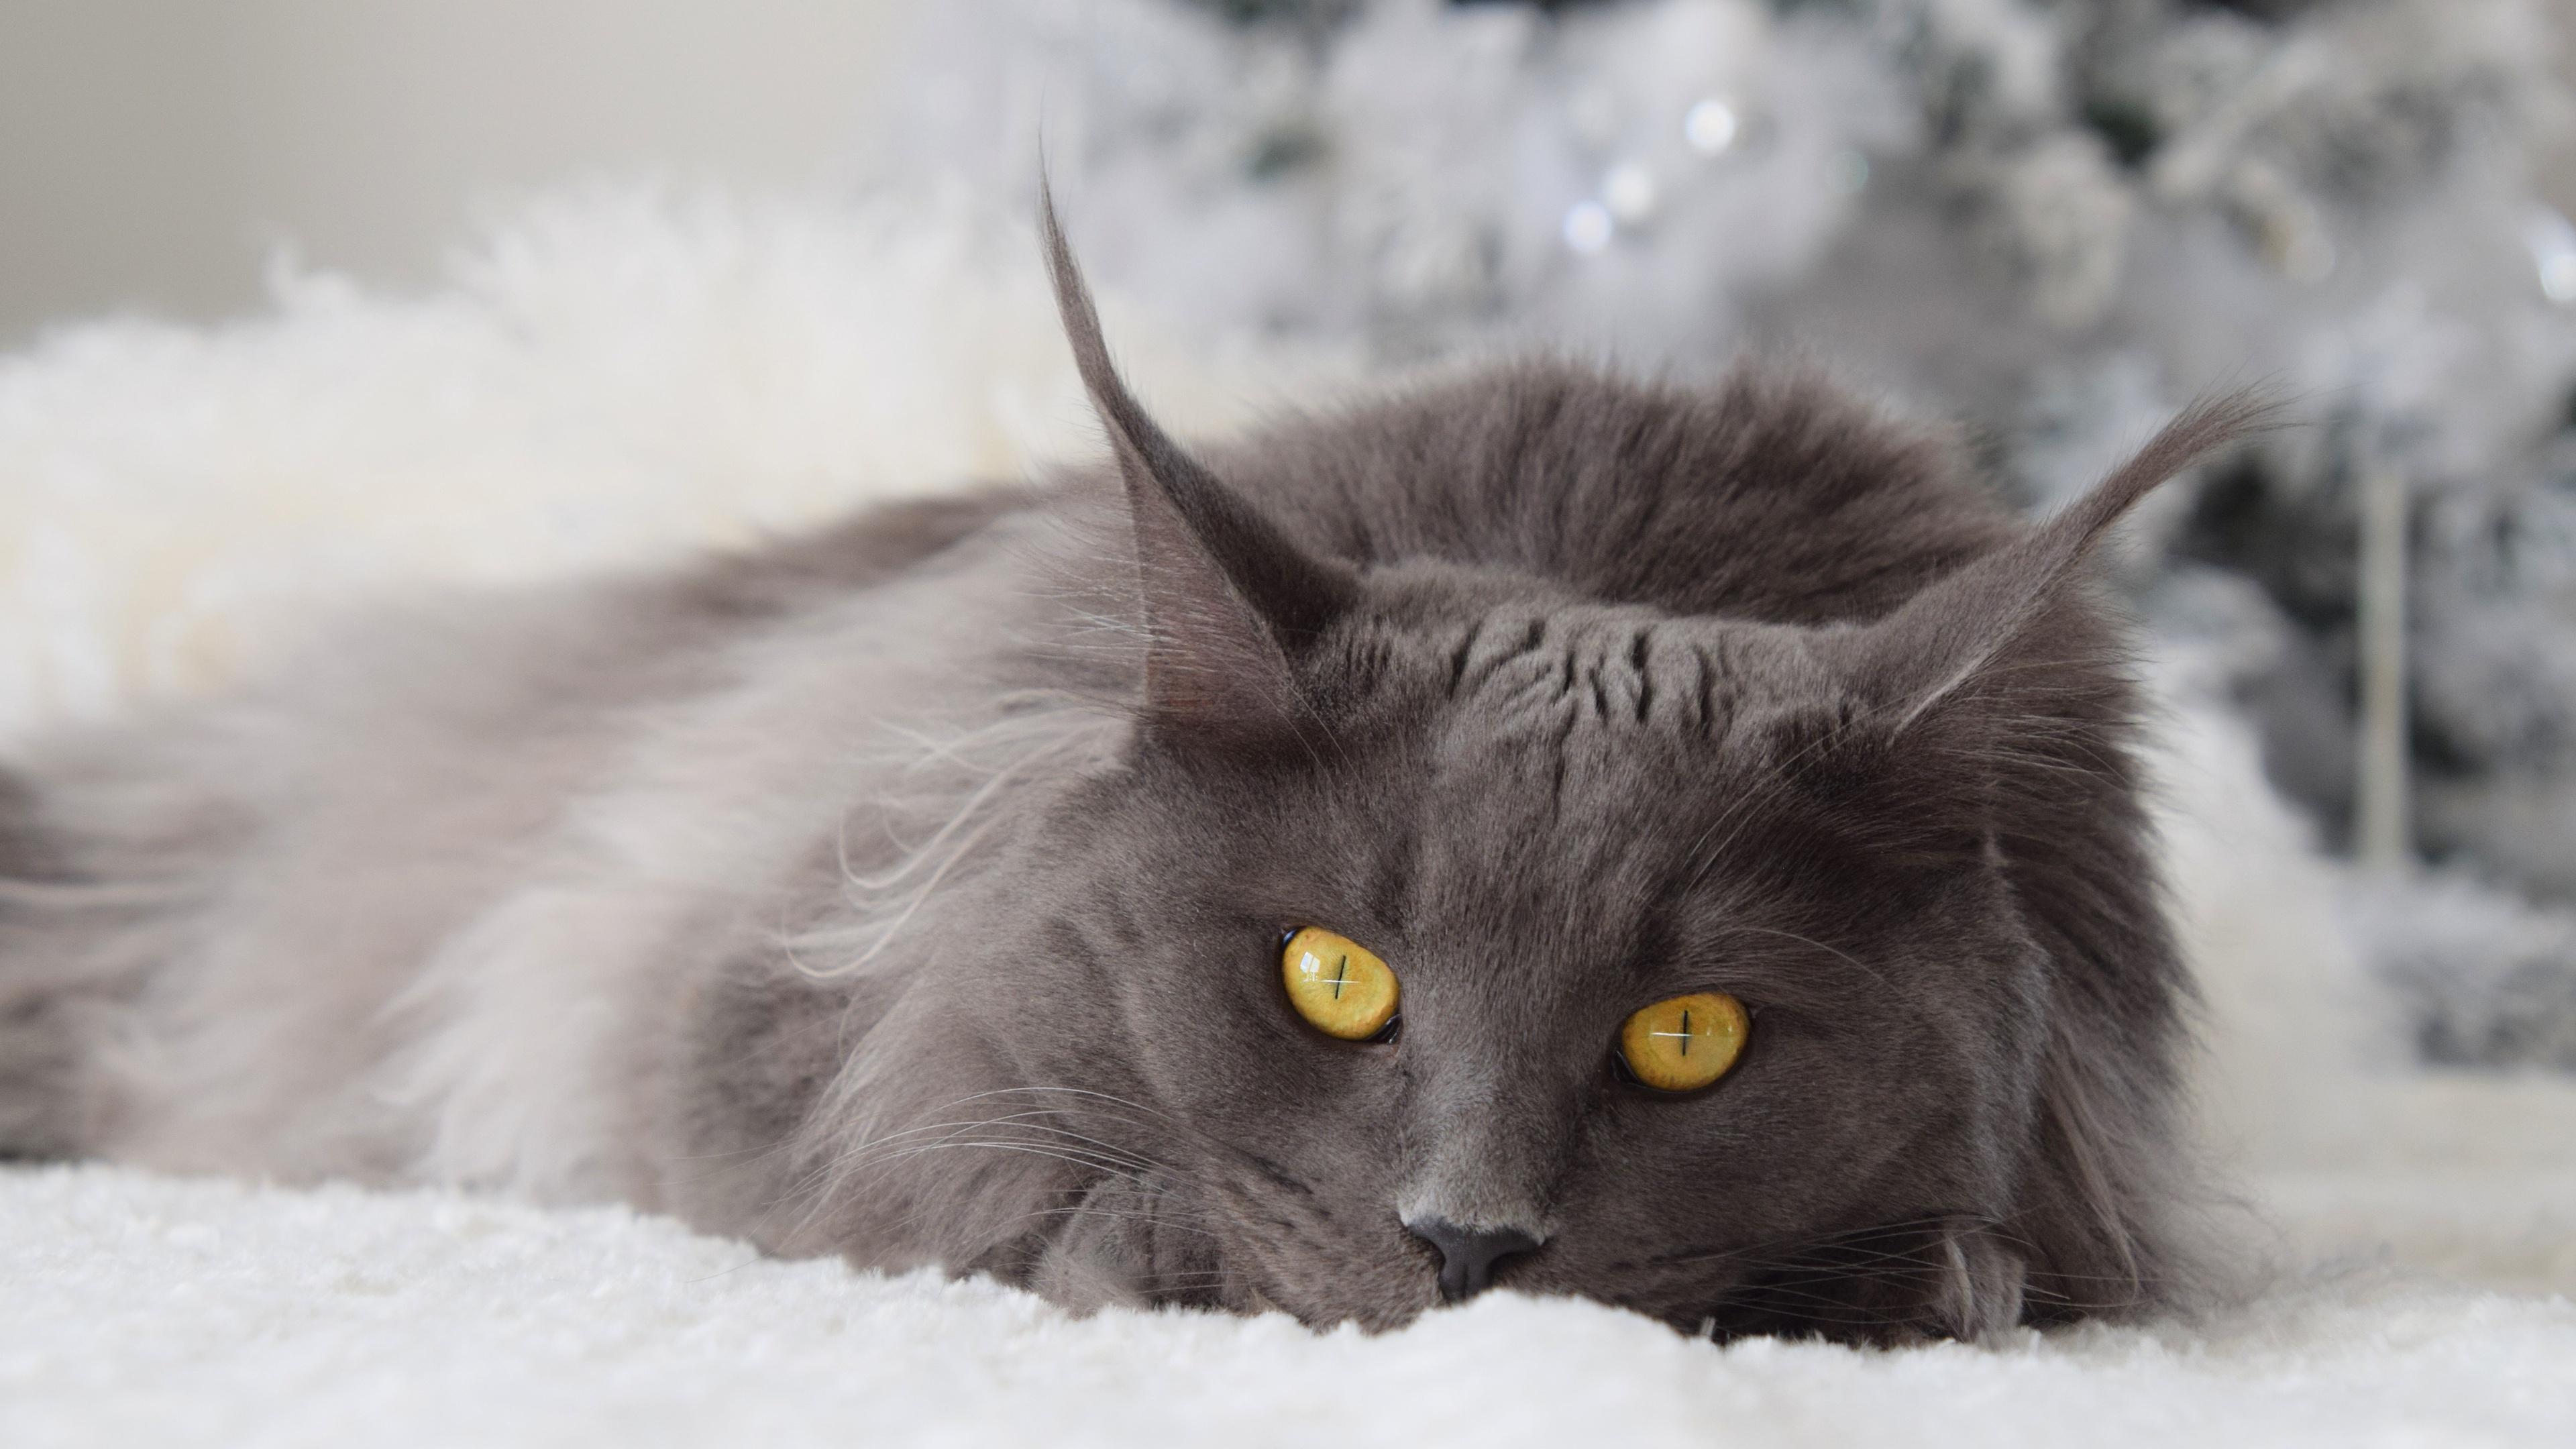 Картинка Кошки Серый смотрит Животные 3840x2160 кот коты кошка серые серая Взгляд смотрят животное